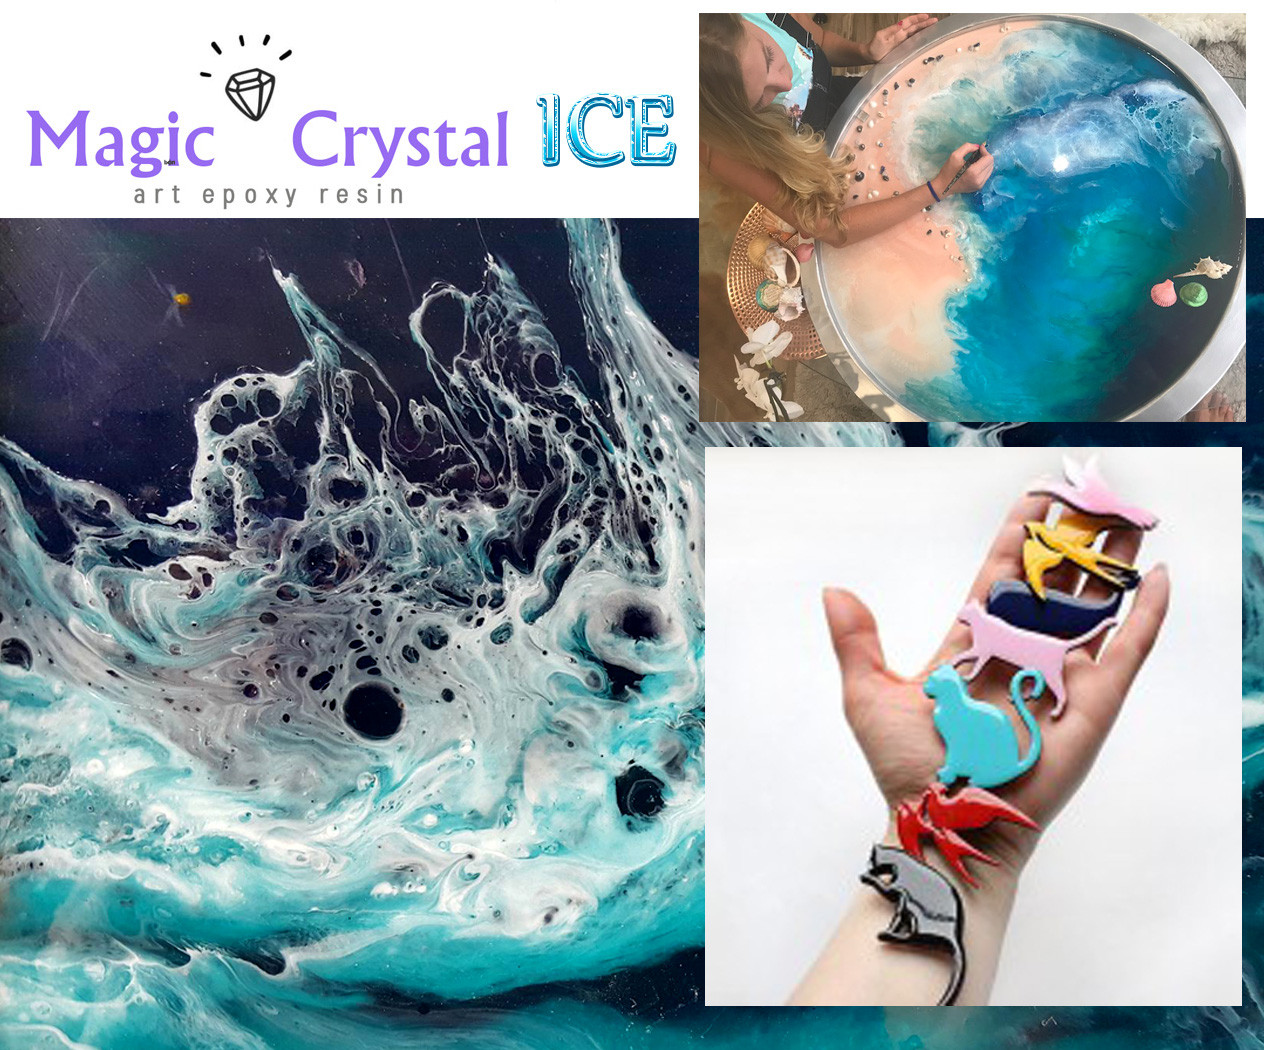 Смола MagicCrystal ICE высокопрозрачная, прочная для картин и глазури (Франция).Быстрой полимеризации.Уп.286 г